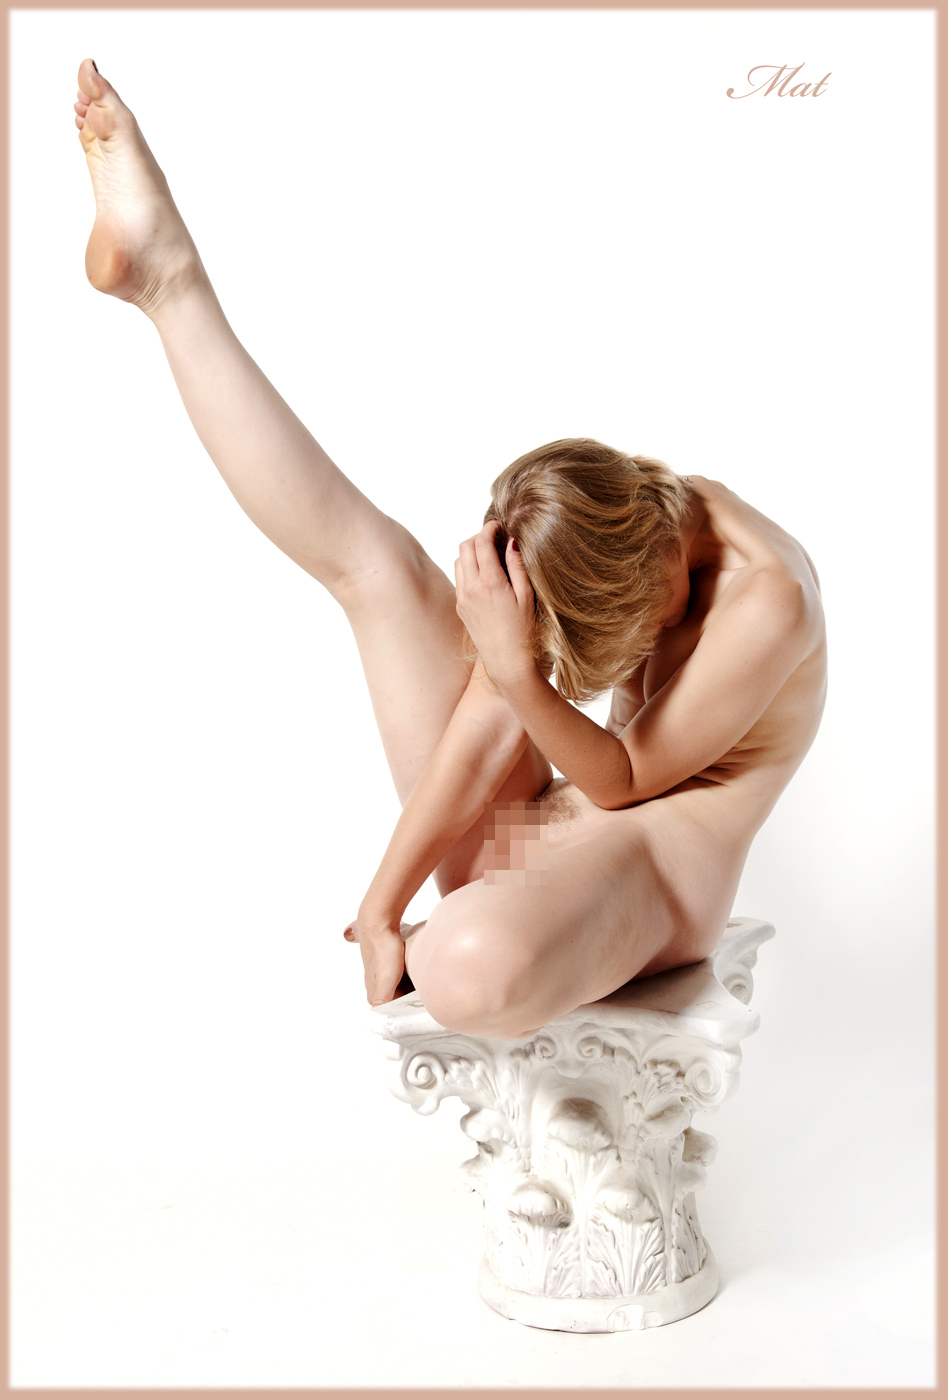 【軟体エロ画像】豪快に大開脚!アソコの奥によく届きそうな軟体美女の股間(;´Д`)